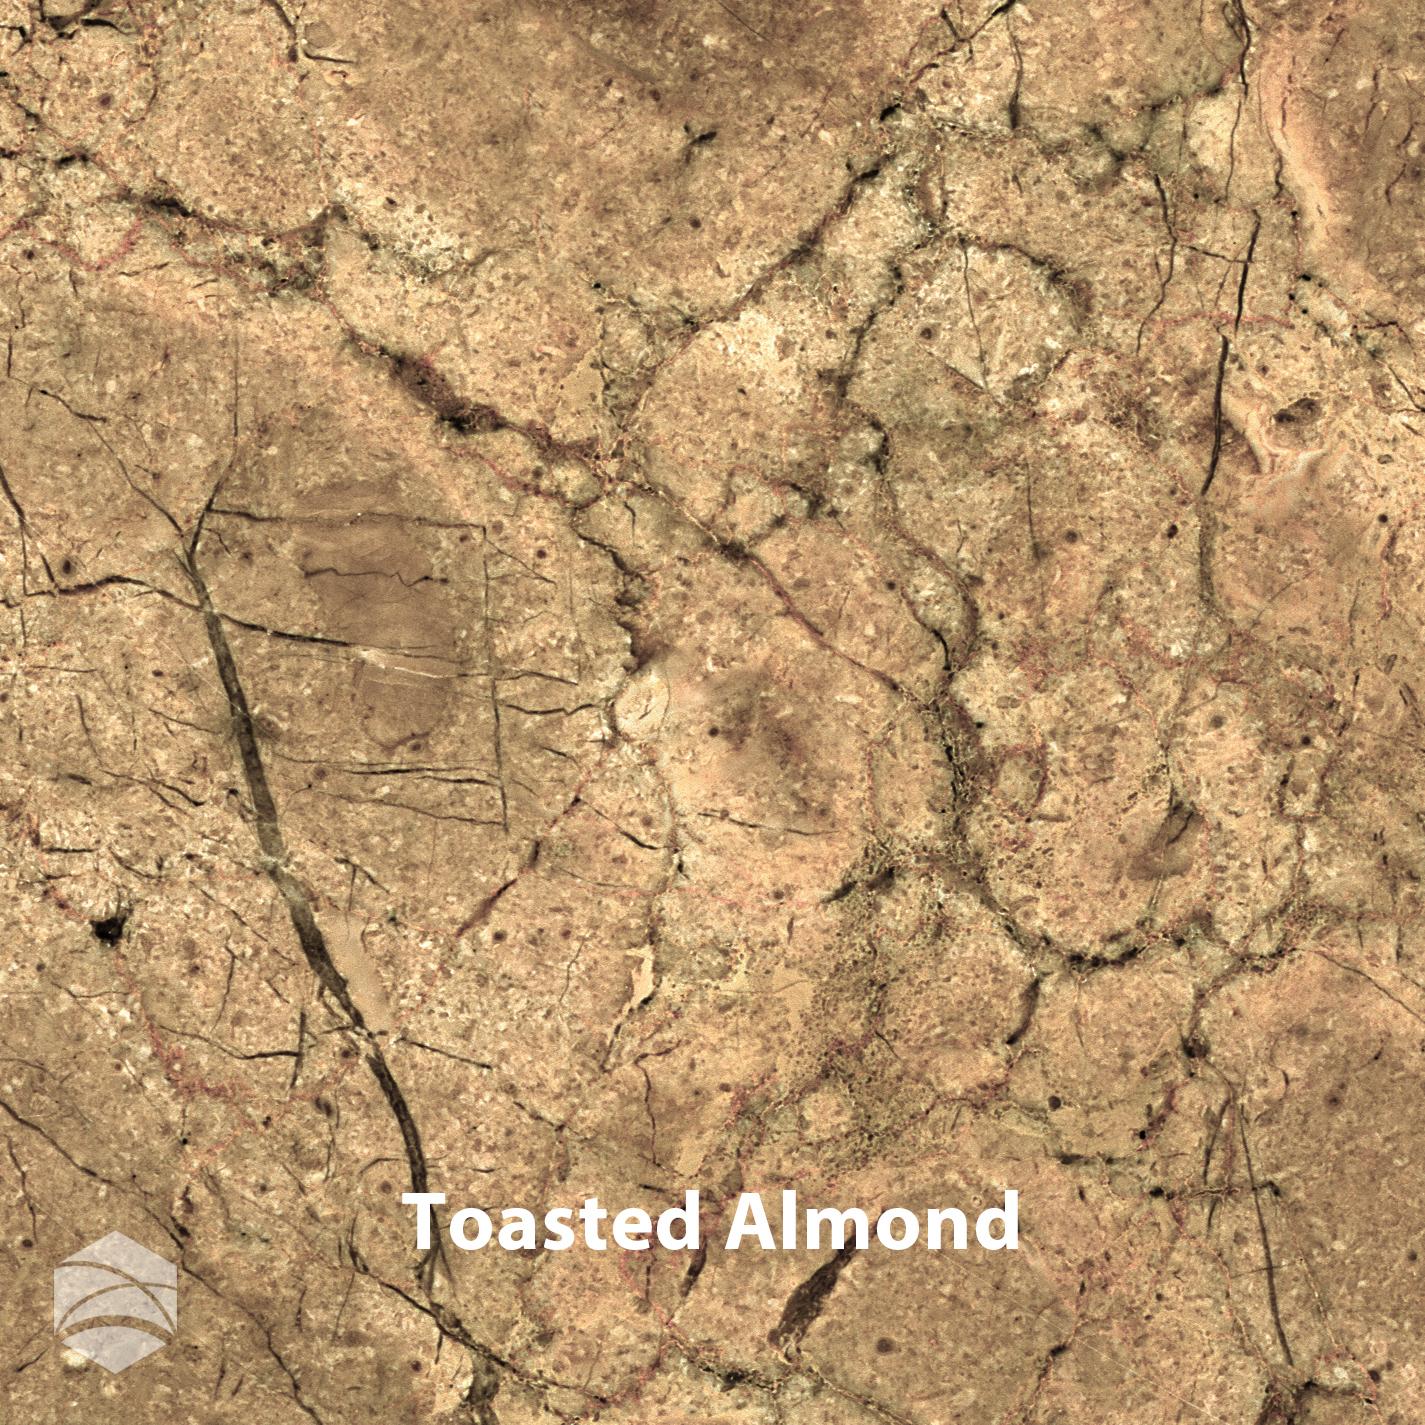 Toasted Almond_V2_14x14.jpg